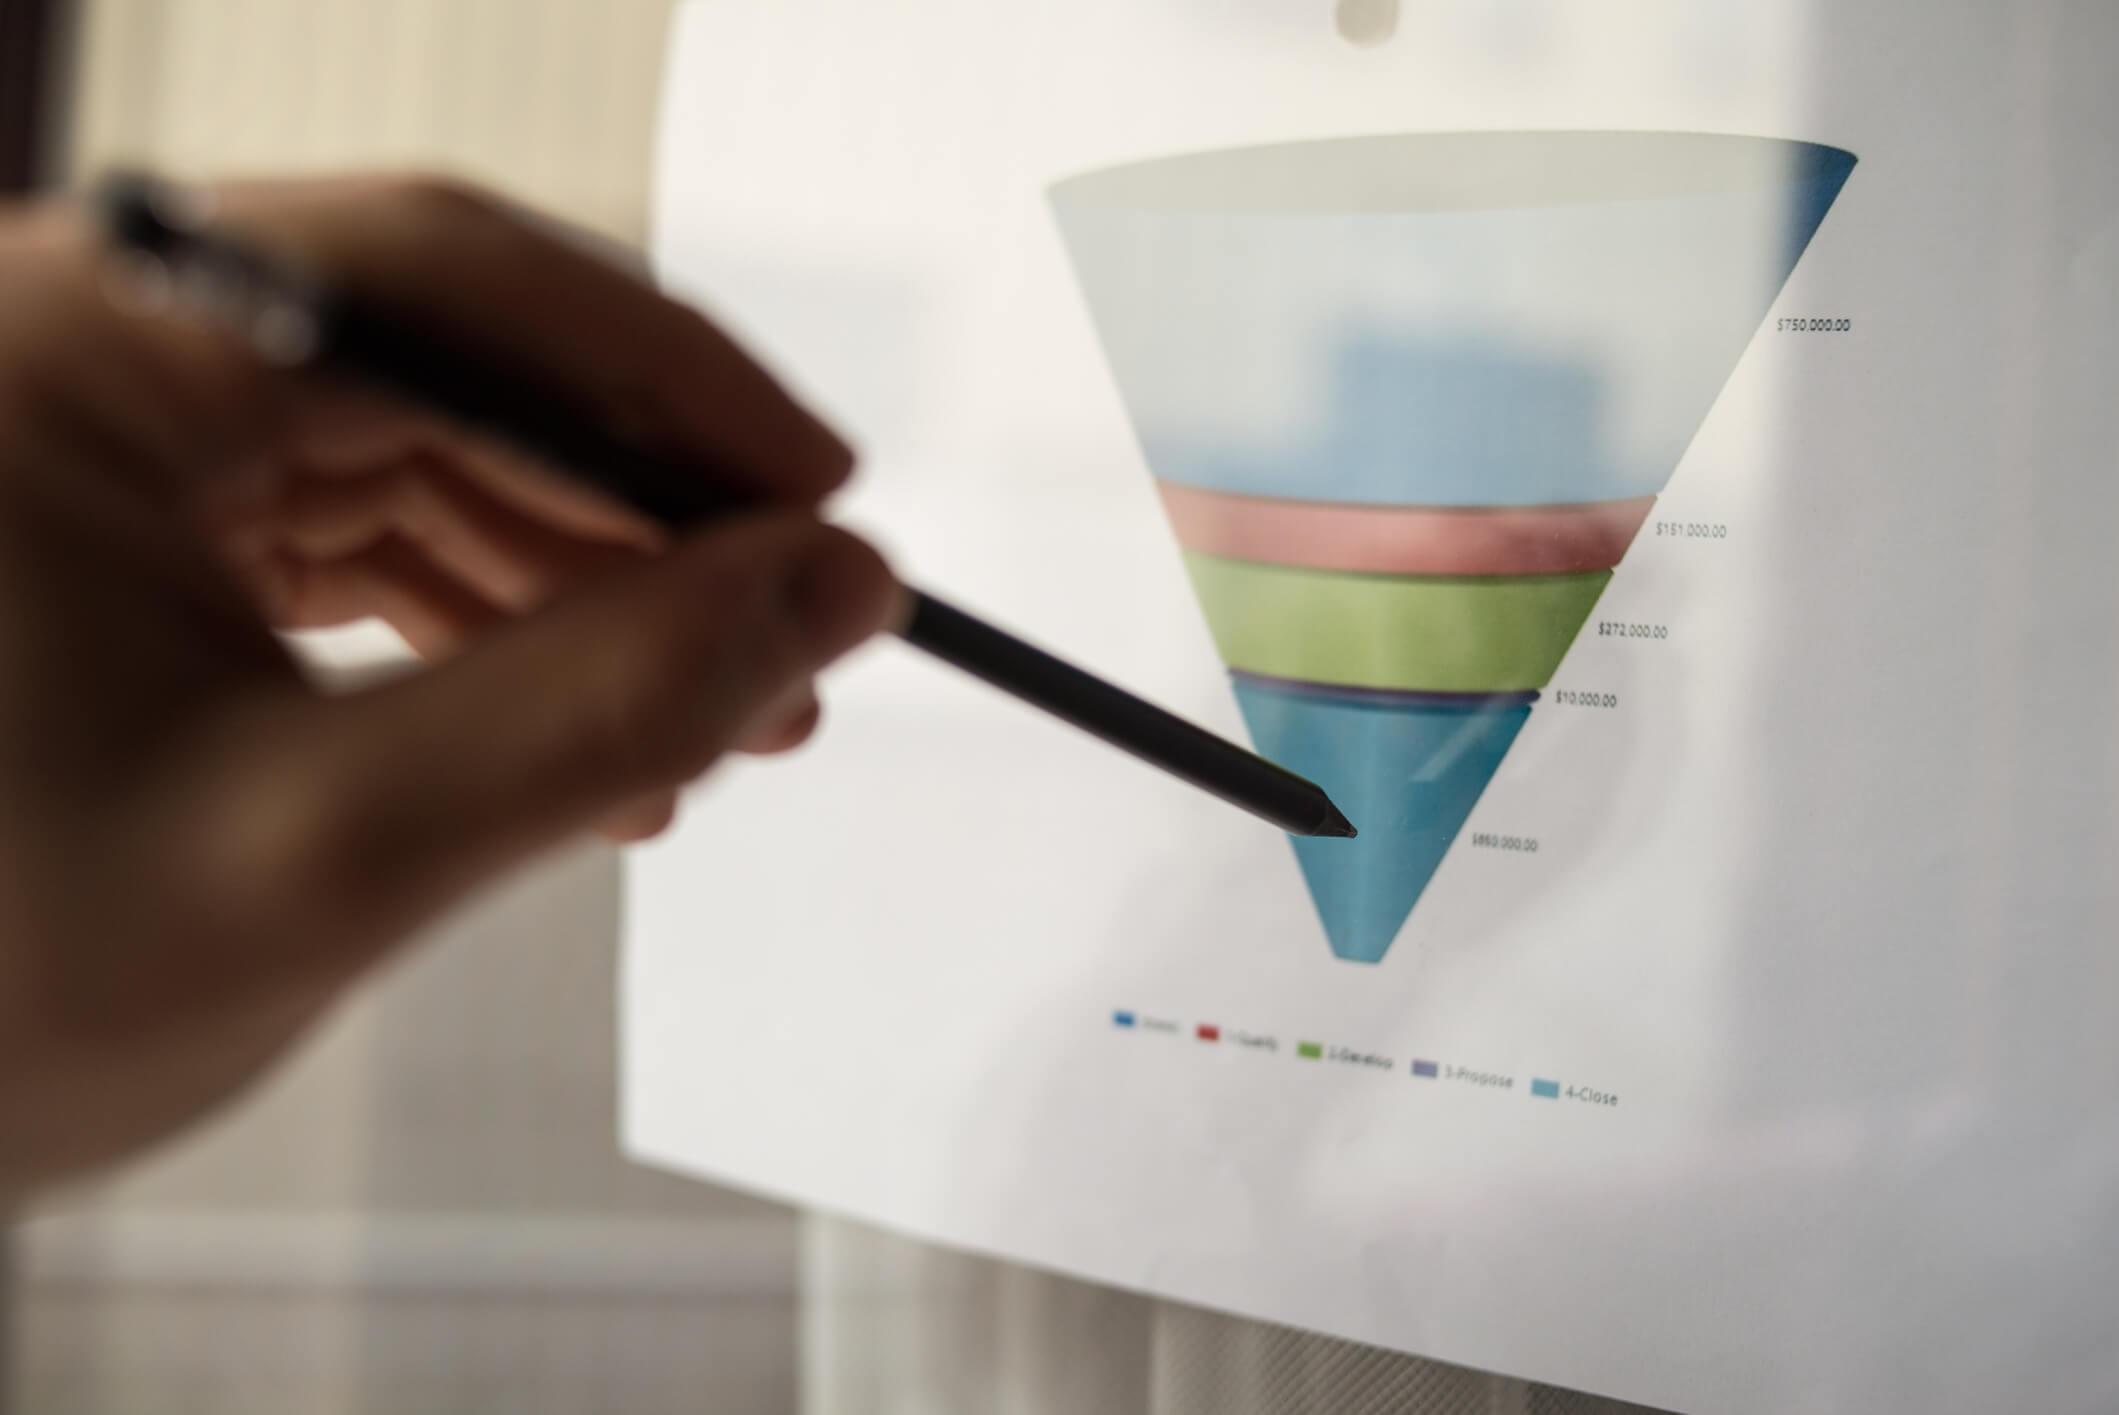 Funil do marketing: conheça o novo modelo apresentado pelo Google